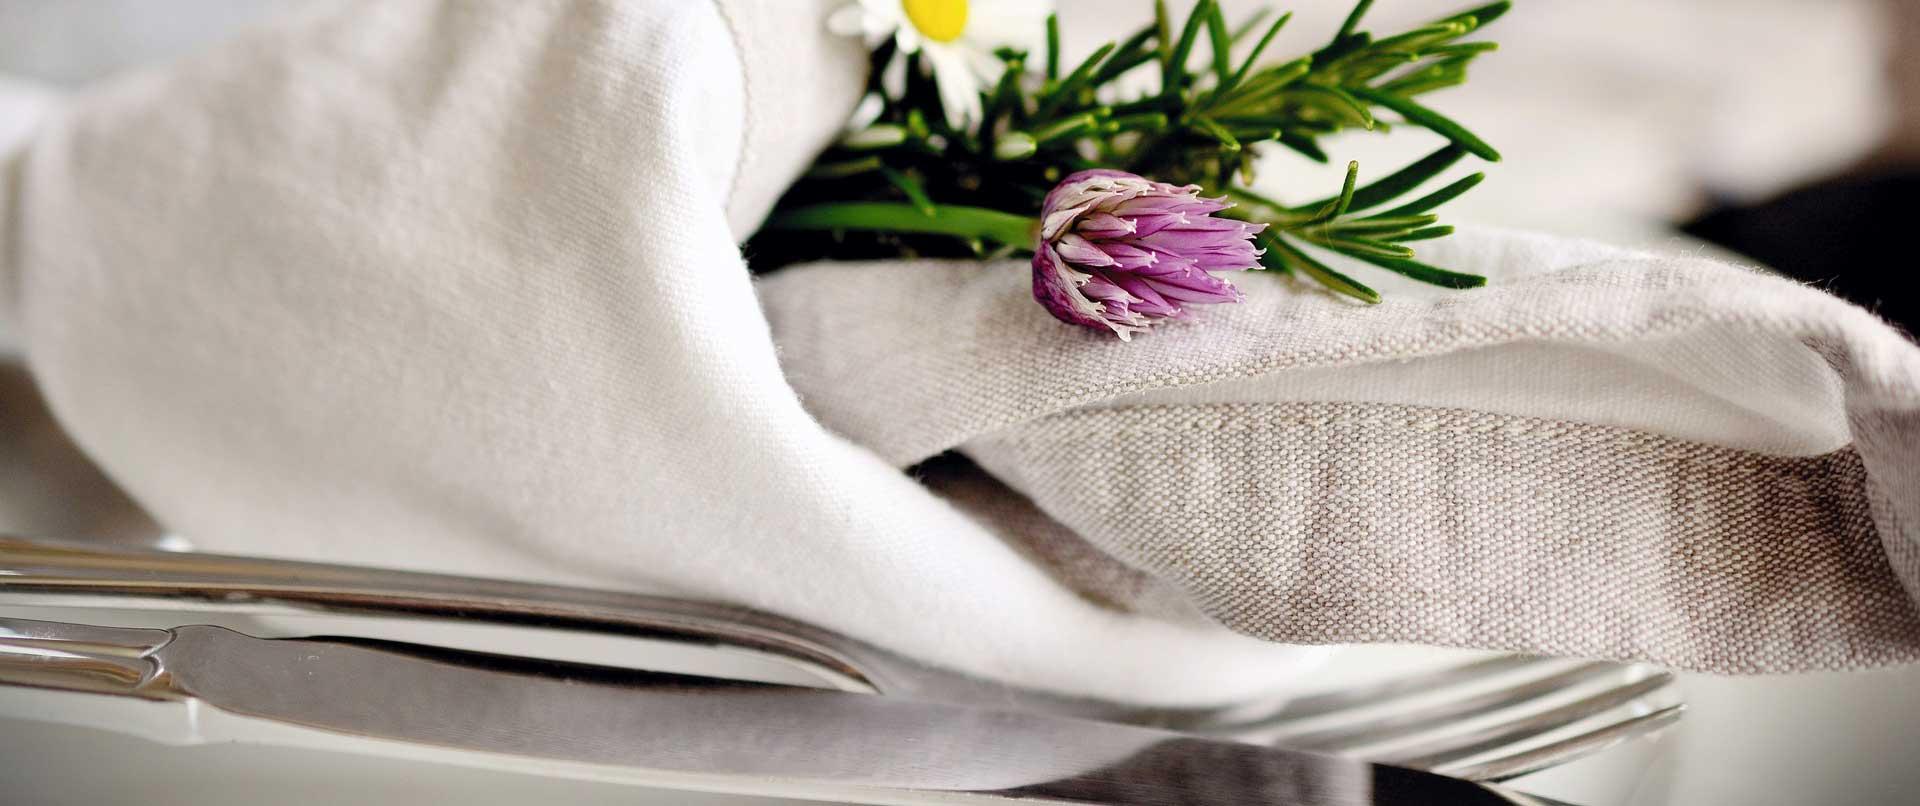 GREEN QUEEN | חנות מתנות: מתנות לבת מצווה עם משמעות, רעיונות למתנות לבת מצווה